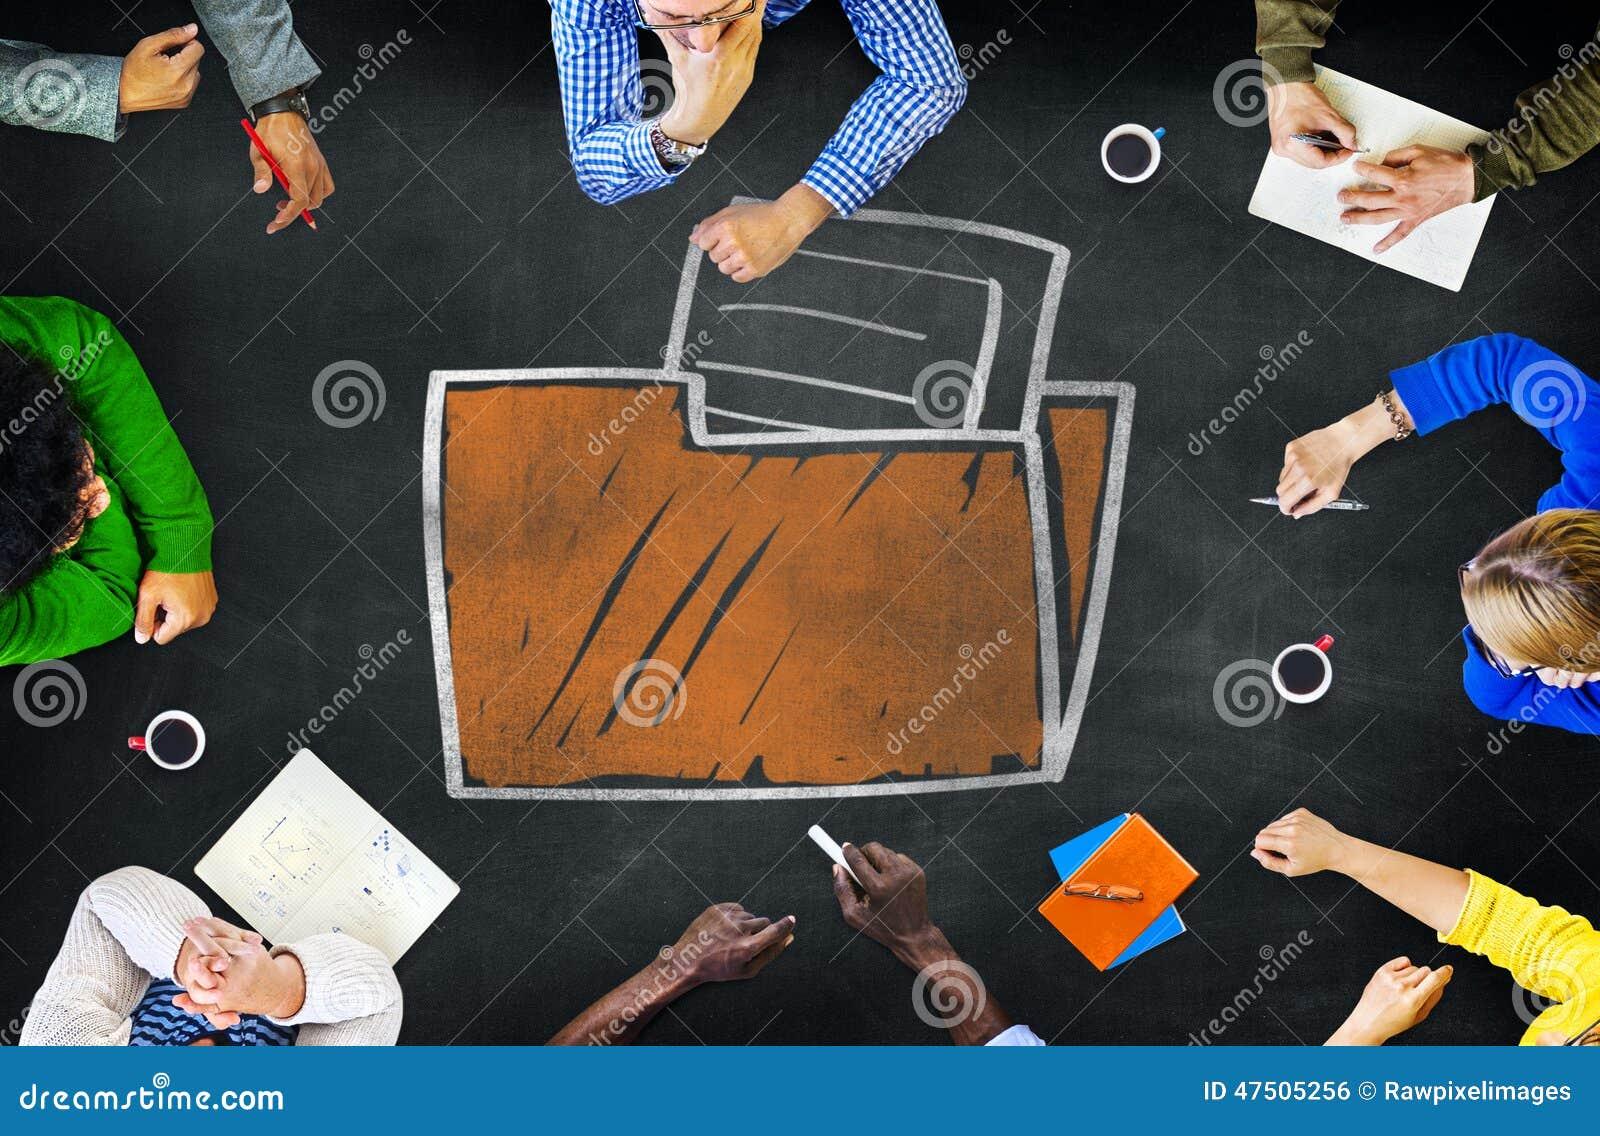 Arquivo do diretório do base de dados da informação do armazenamento do dobrador de arquivos concentrado